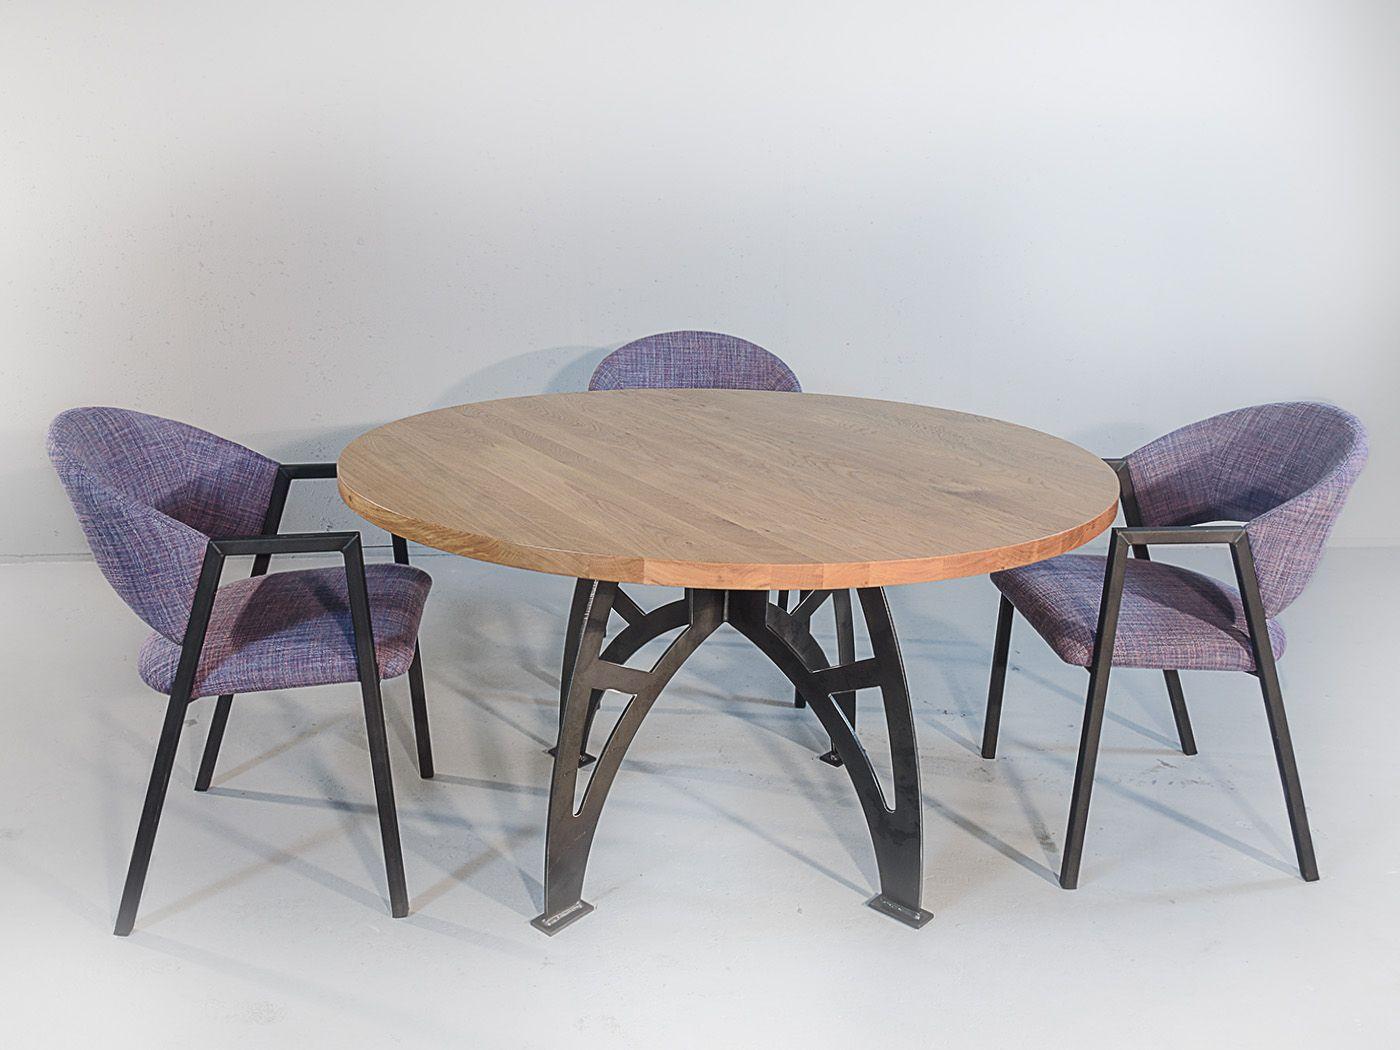 Industriële ronde eiken eettafel  De Minnesota is een robuuste tafel met een stoere industriële uitstraling. De combinatie van het blauwstalen onderstel samen met het dikke eikenblad maken dit een unieke tafel die in veel huiskamers tot zijn recht komt.